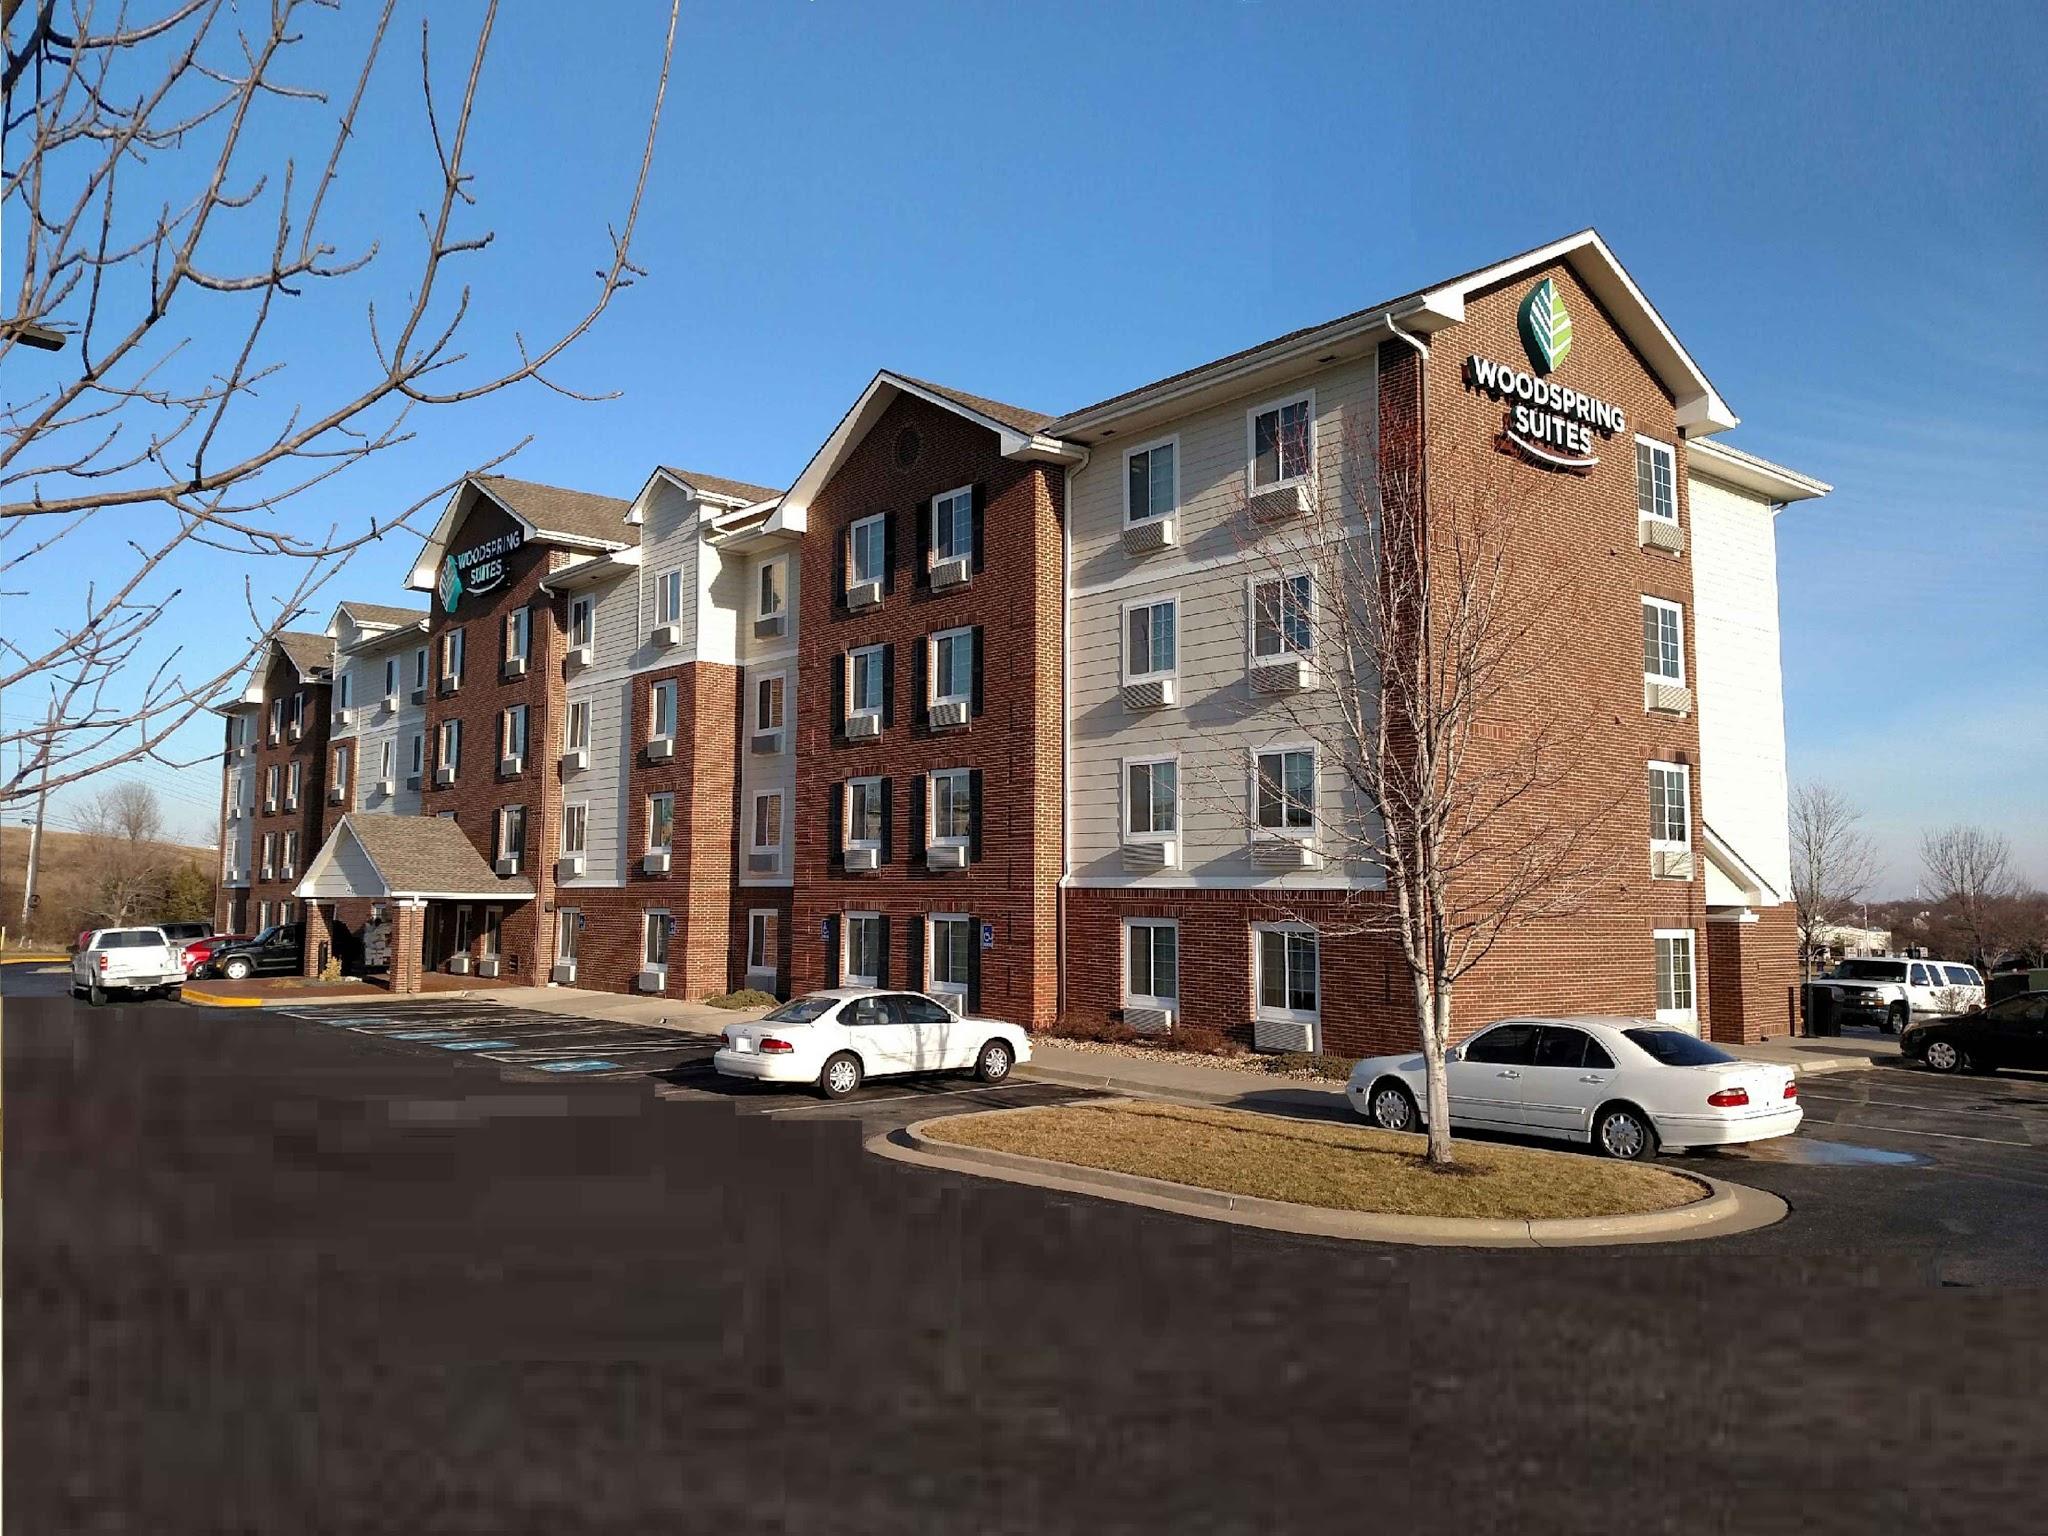 WoodSpring Suites Kansas City Lenexa image 21